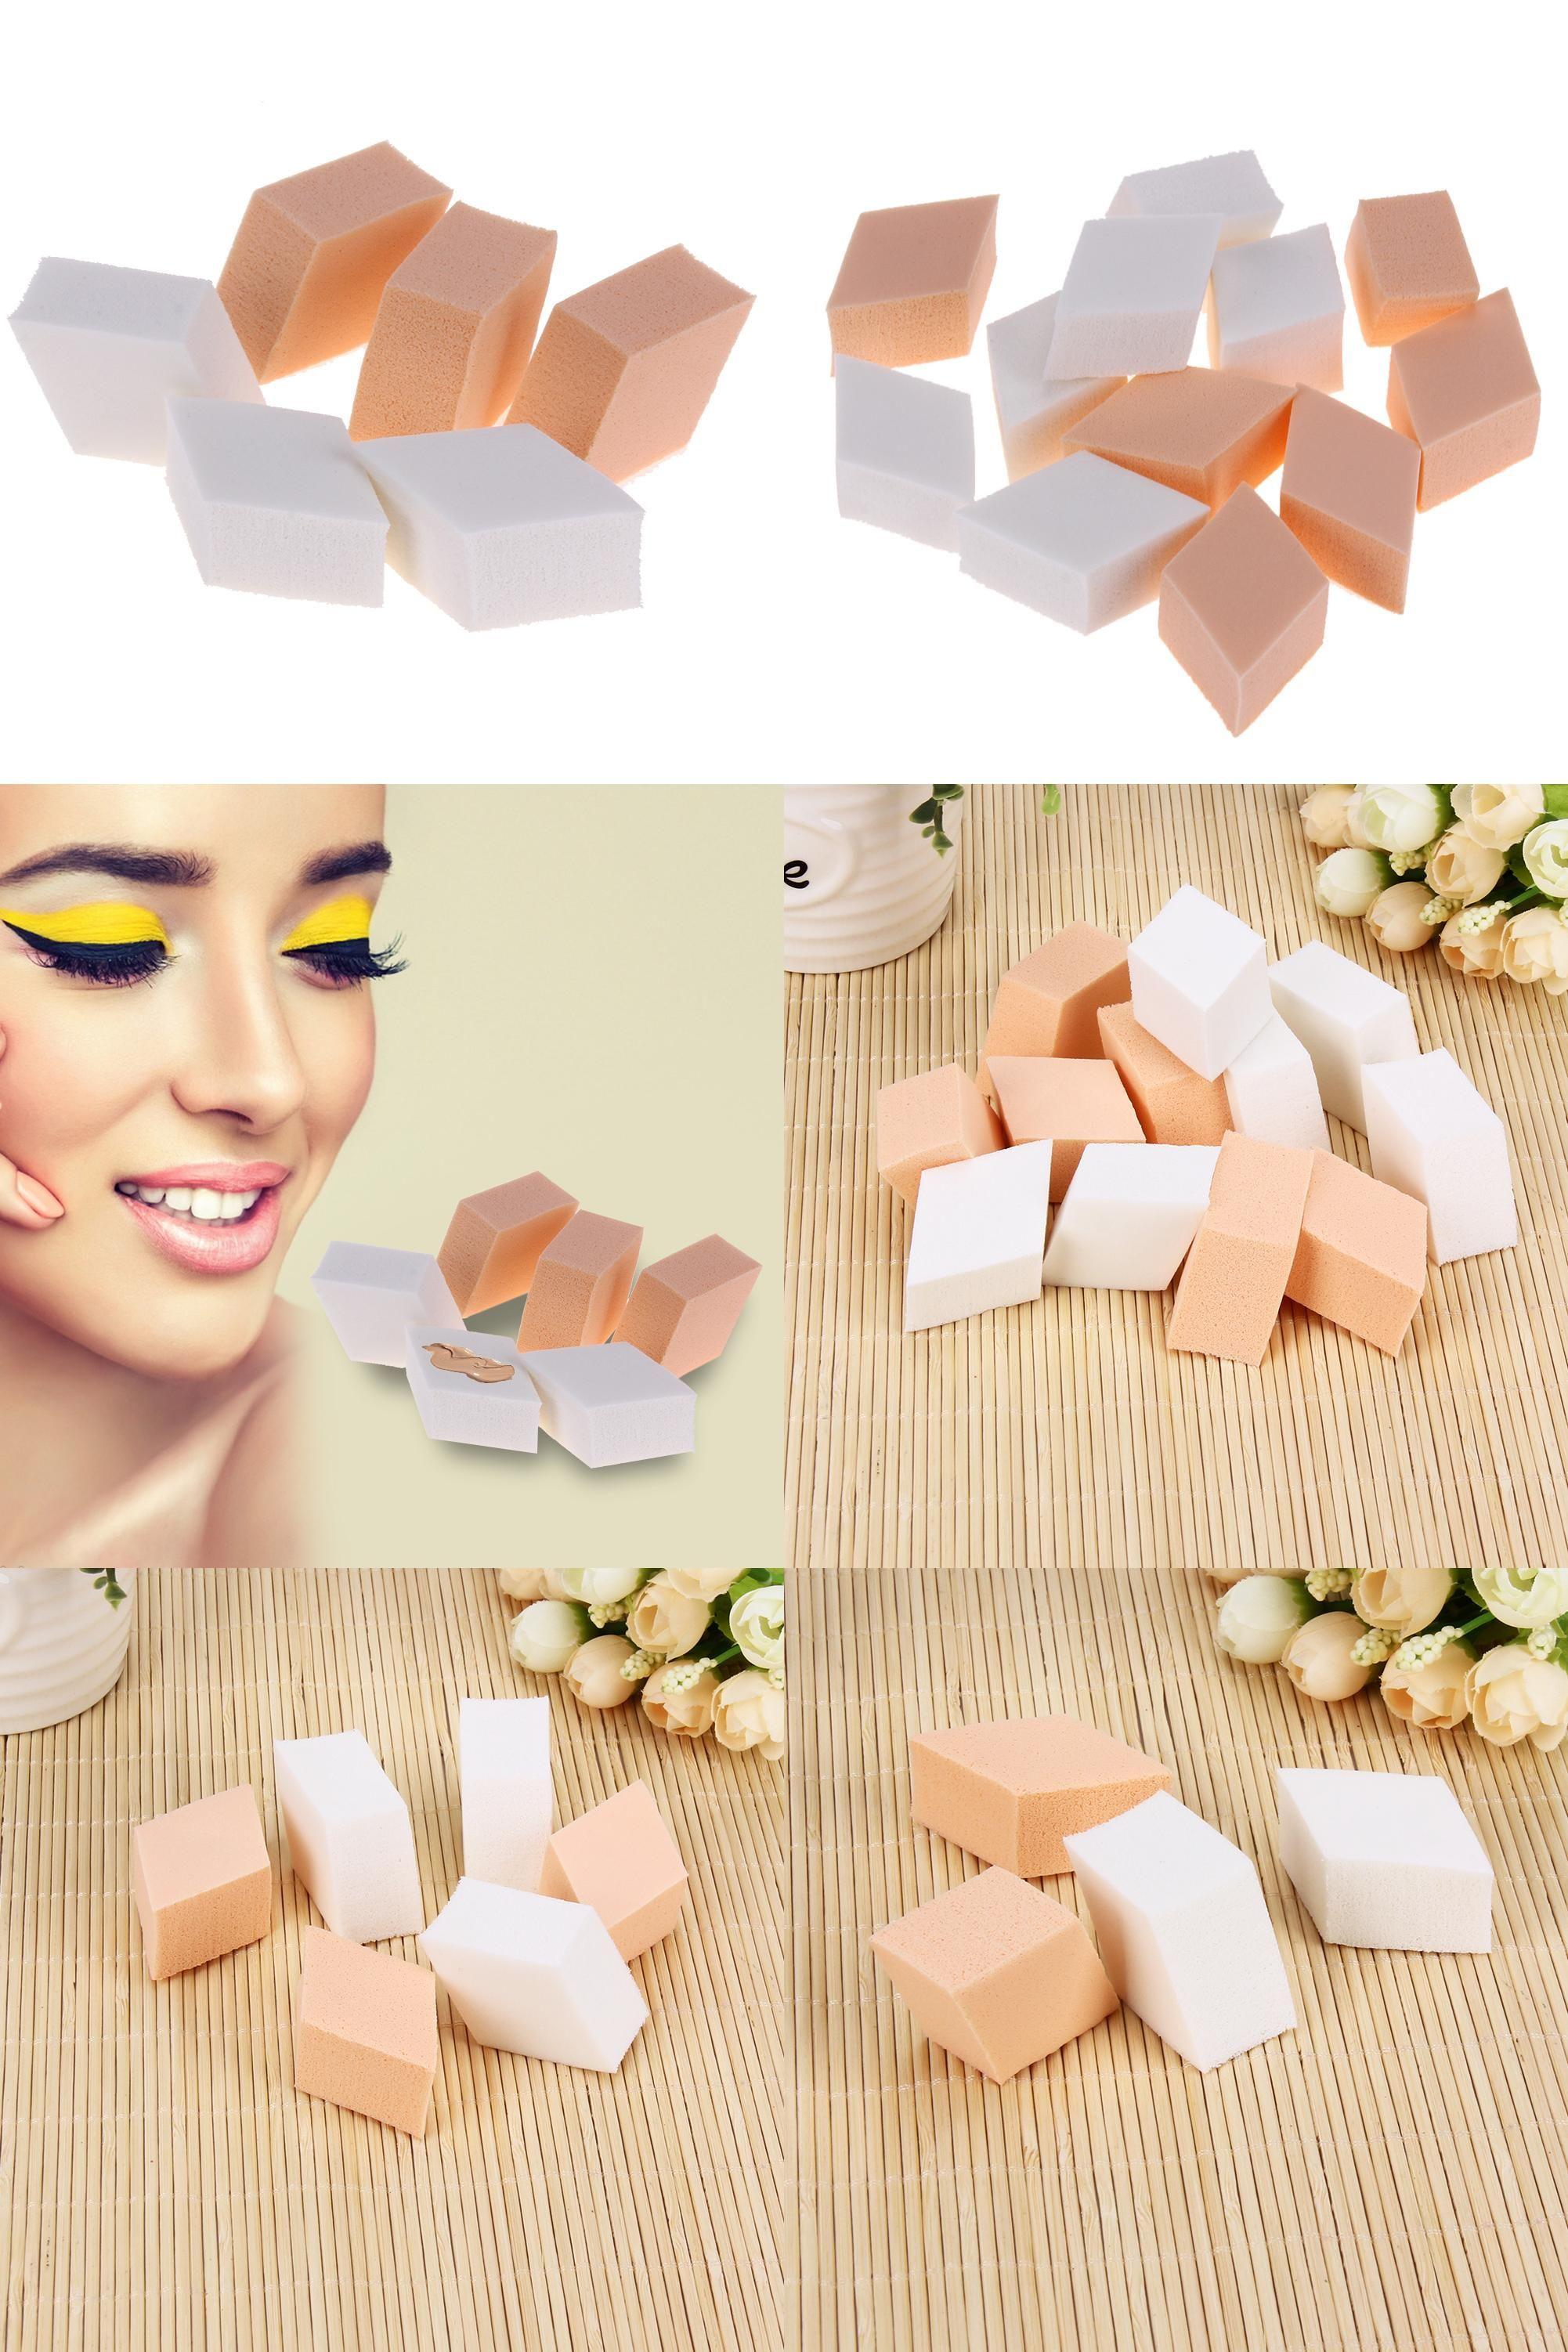 [Visit to Buy] 15PCS Makeup Sponge Face Foundation Powder